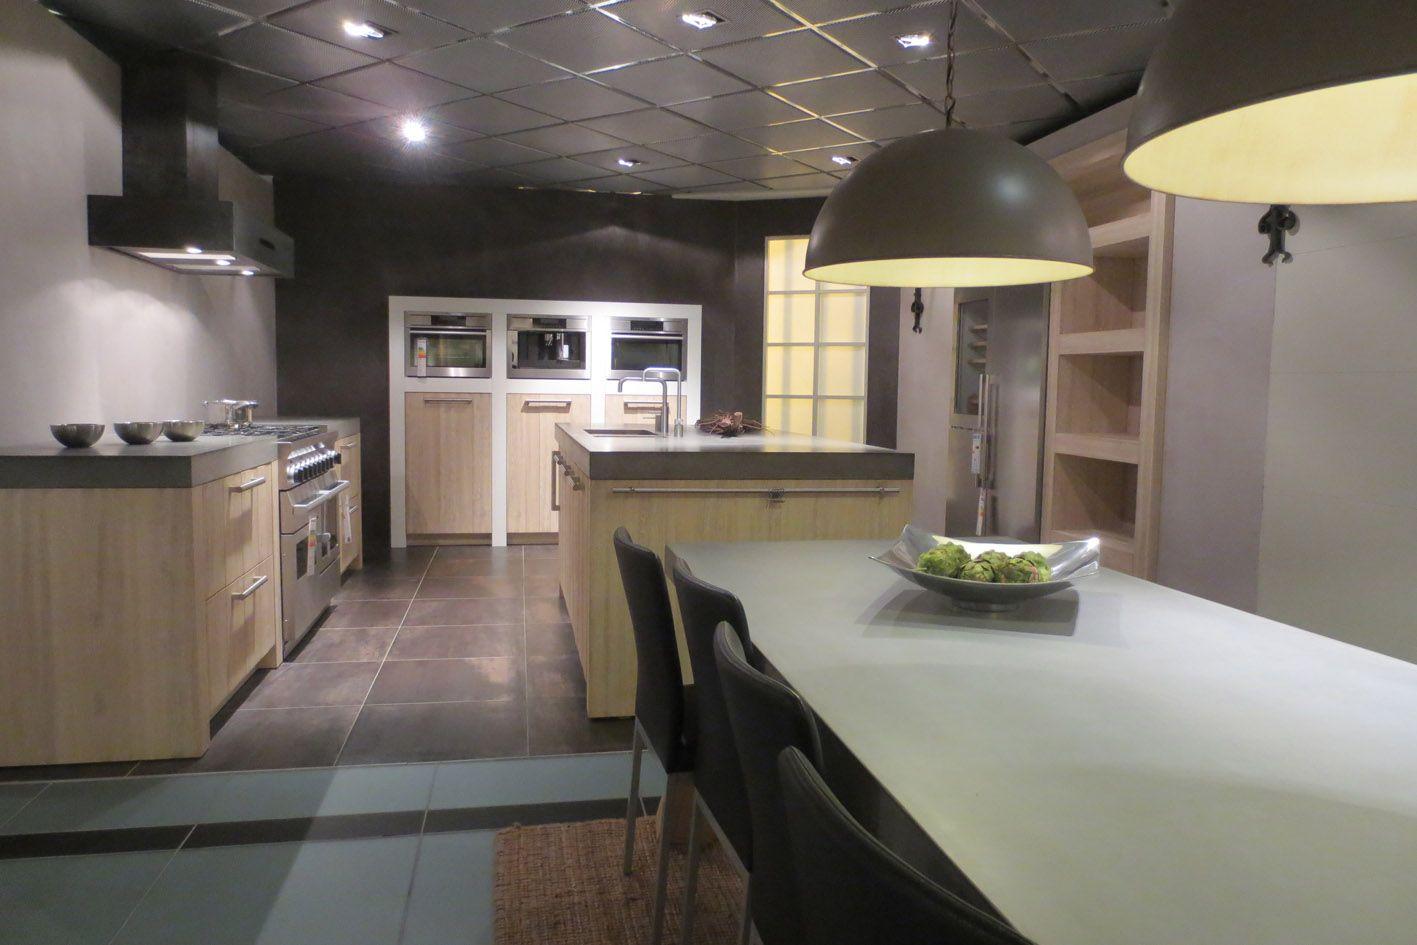 De voordeligste woonwinkel van nederland prachtige eilandkeuken - Model amerikaanse keuken ...